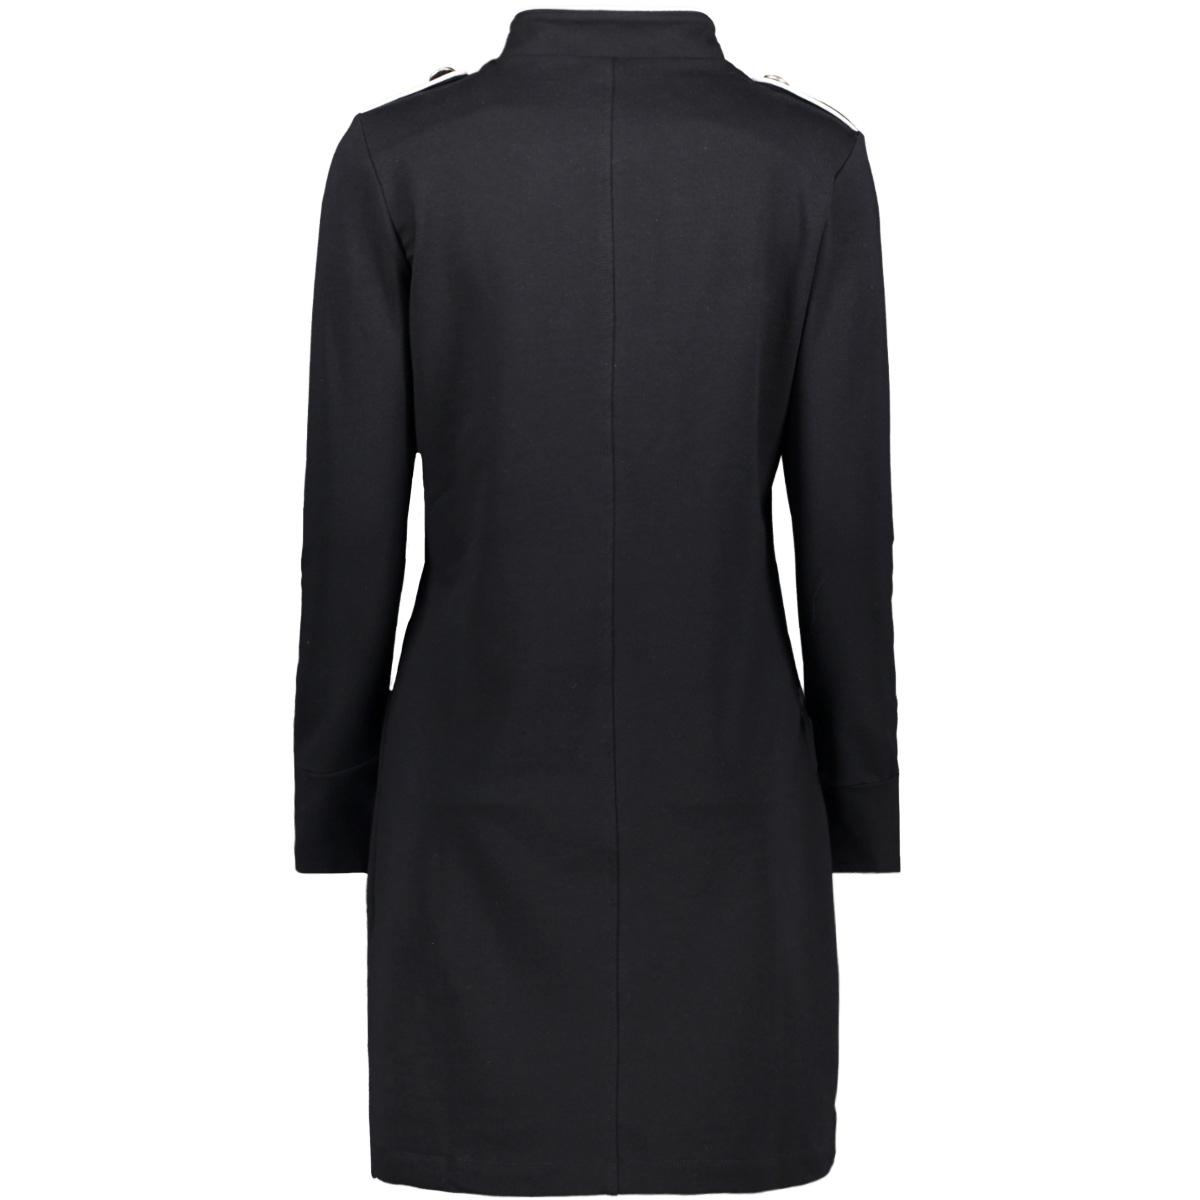 steffie long milatary blazer 192 zoso blazer navy white